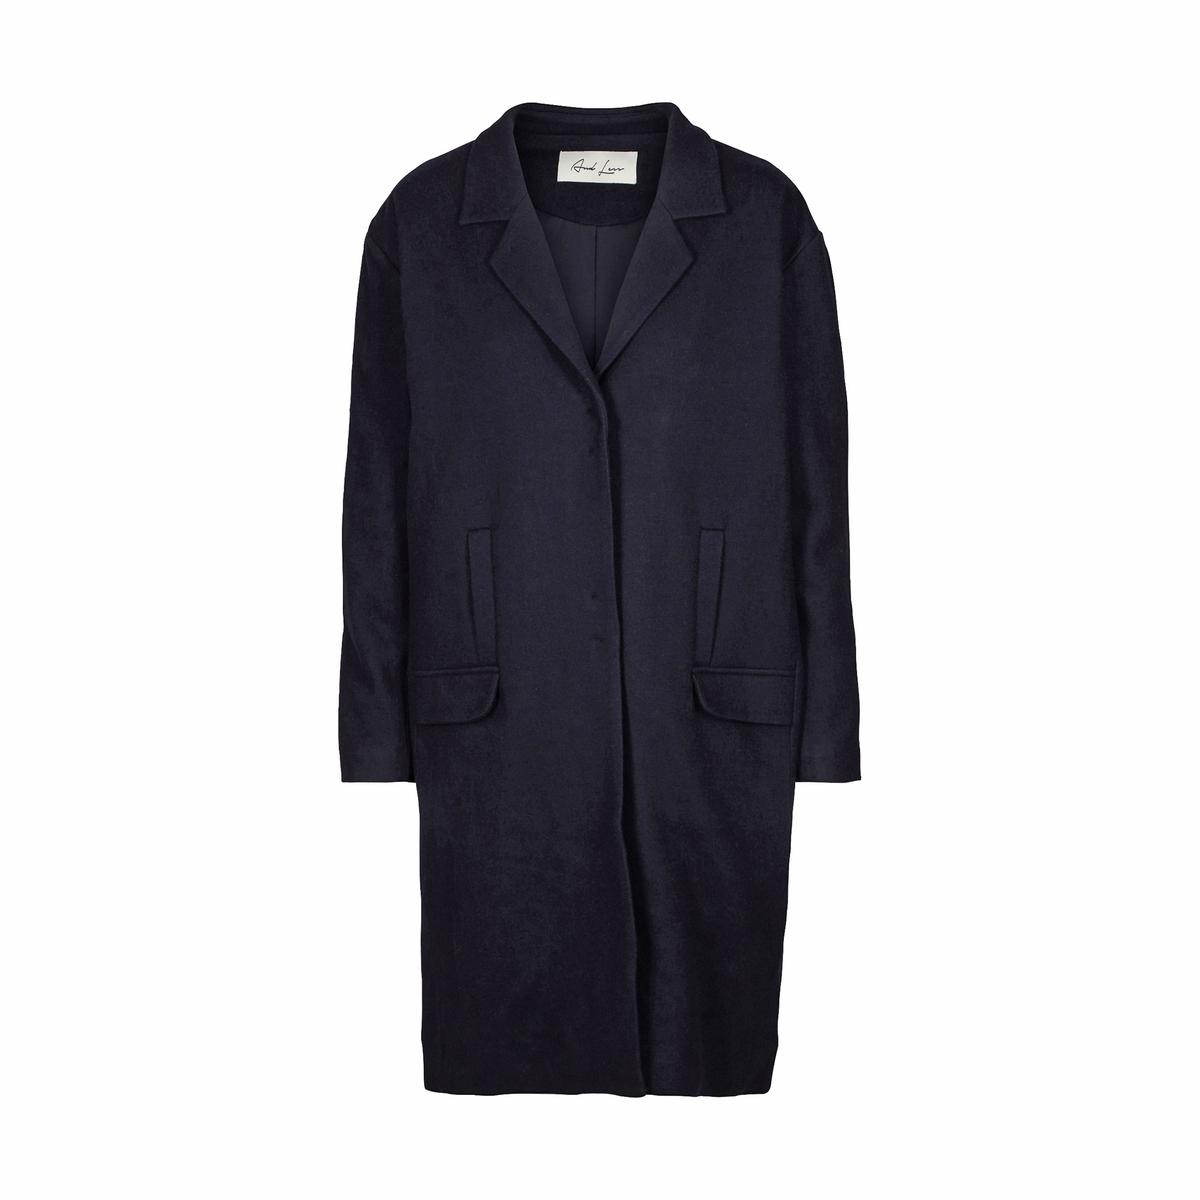 Пальто прямого покроя из шерстяного драпаОписание:Это элегантное пальто прямого покроя AND LESS защити вас от холода этой зимой. Это пальто из высококачественного шерстяного драпа станет главным предметом вашего гардероба.Детали •  Длина : удлиненная модель •  Шалевый воротник • Застежка на пуговицыСостав и уход •  70% шерсти, 30% полиэстера •  Следуйте советам по уходу, указанным на этикетке<br><br>Цвет: синий морской<br>Размер: 38 (FR) - 44 (RUS)